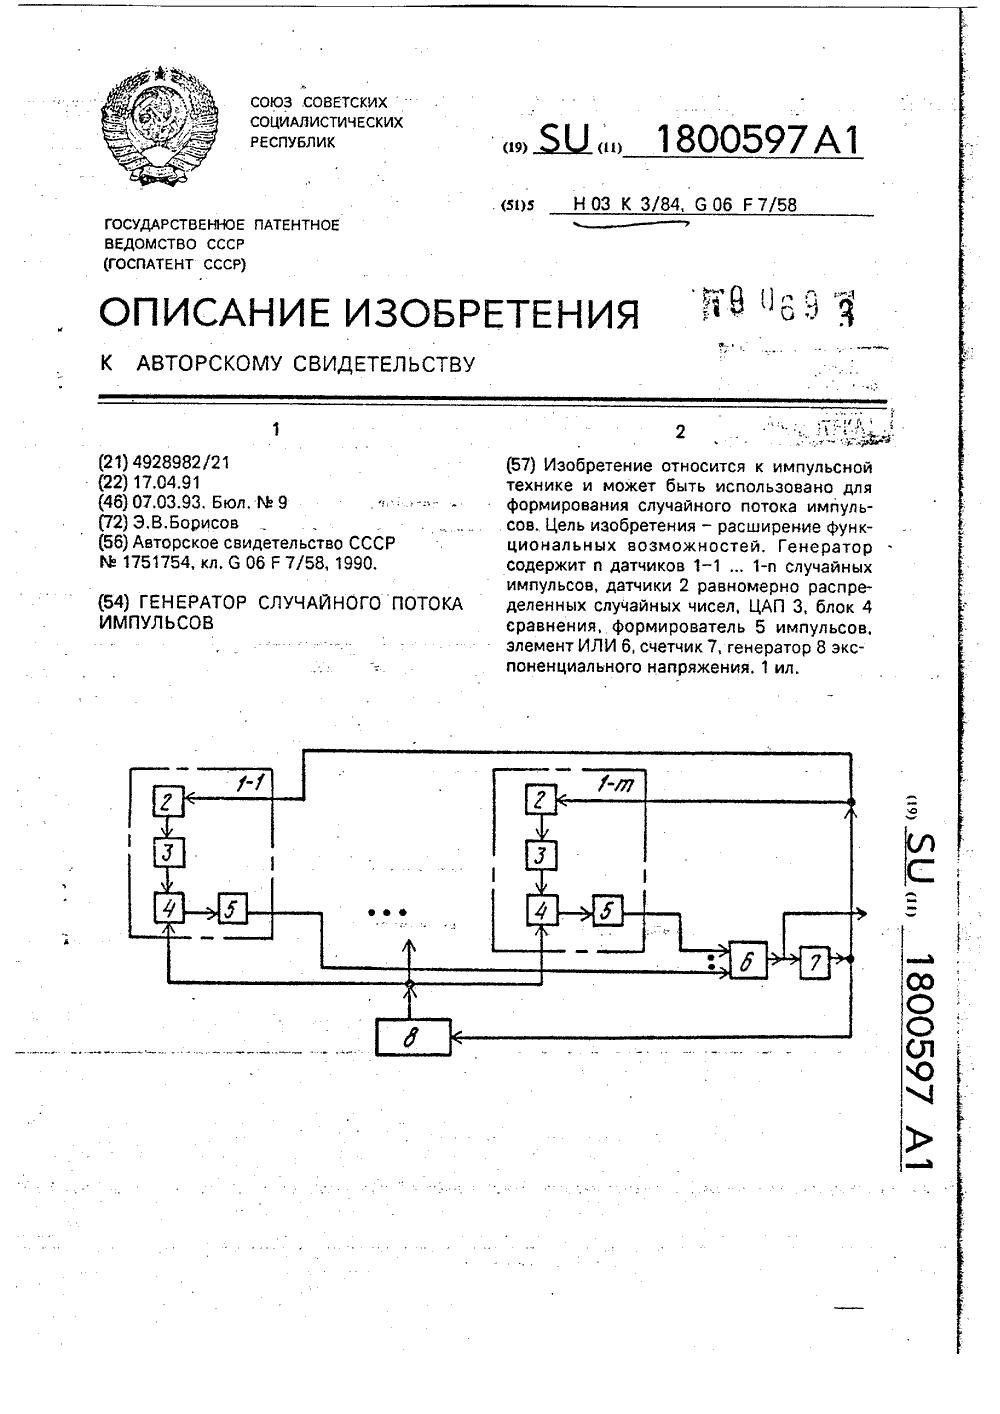 генератор импульсов г5-54 инструкция